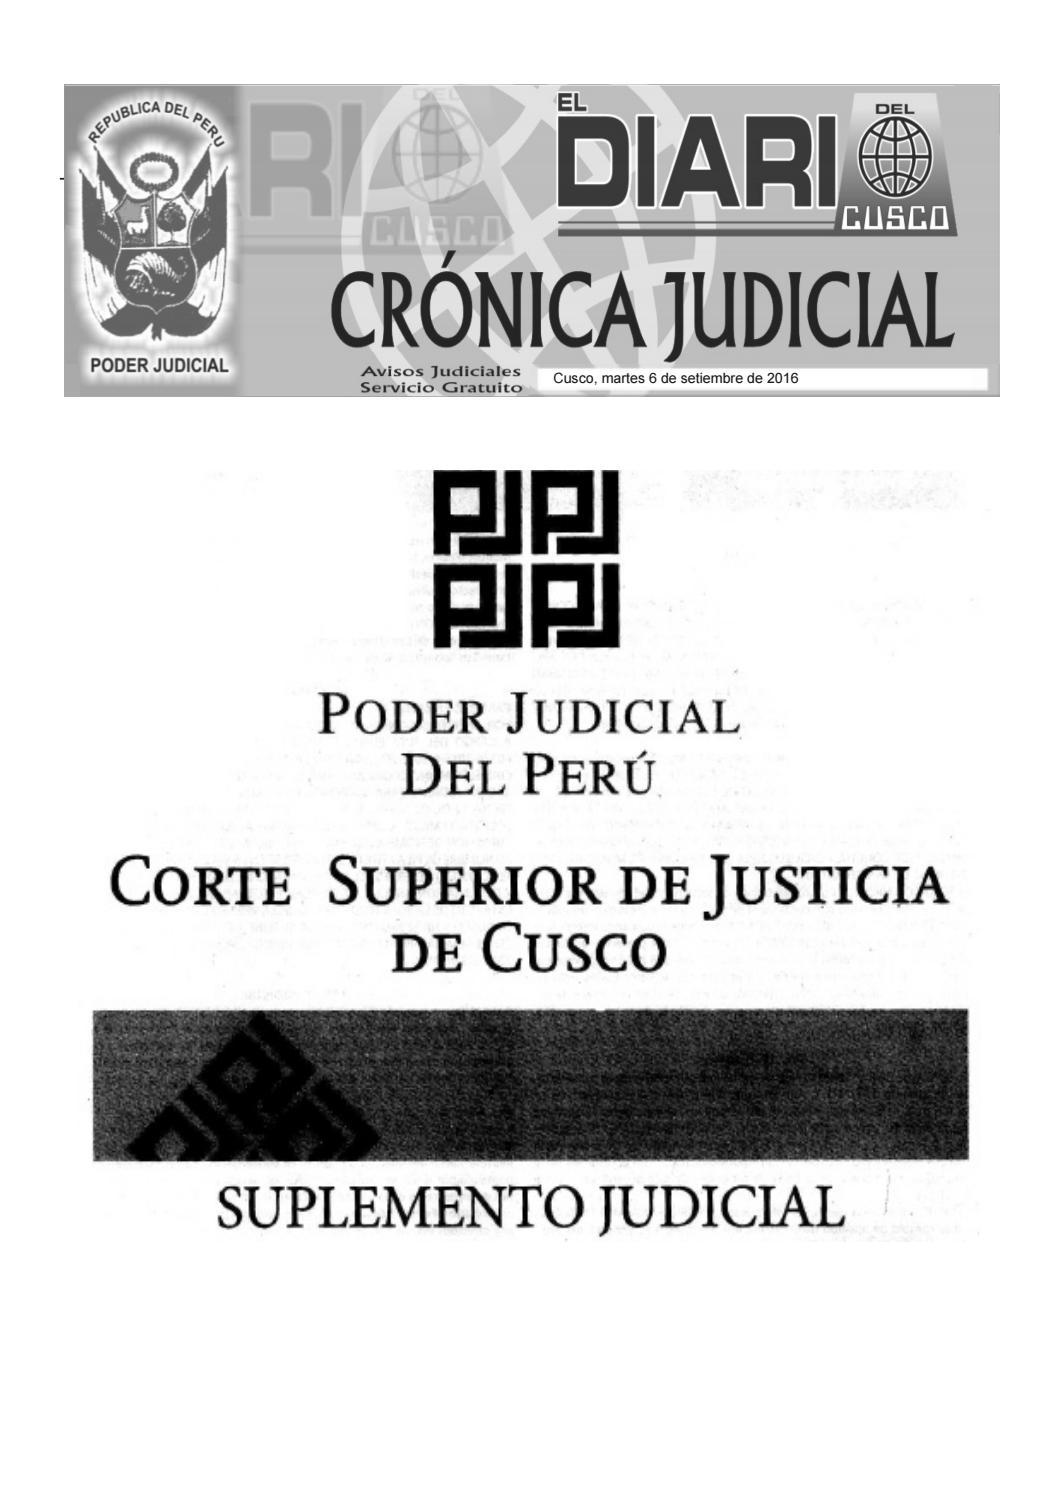 Judiciales 6 9 16 by El Diario del Cusco - issuu